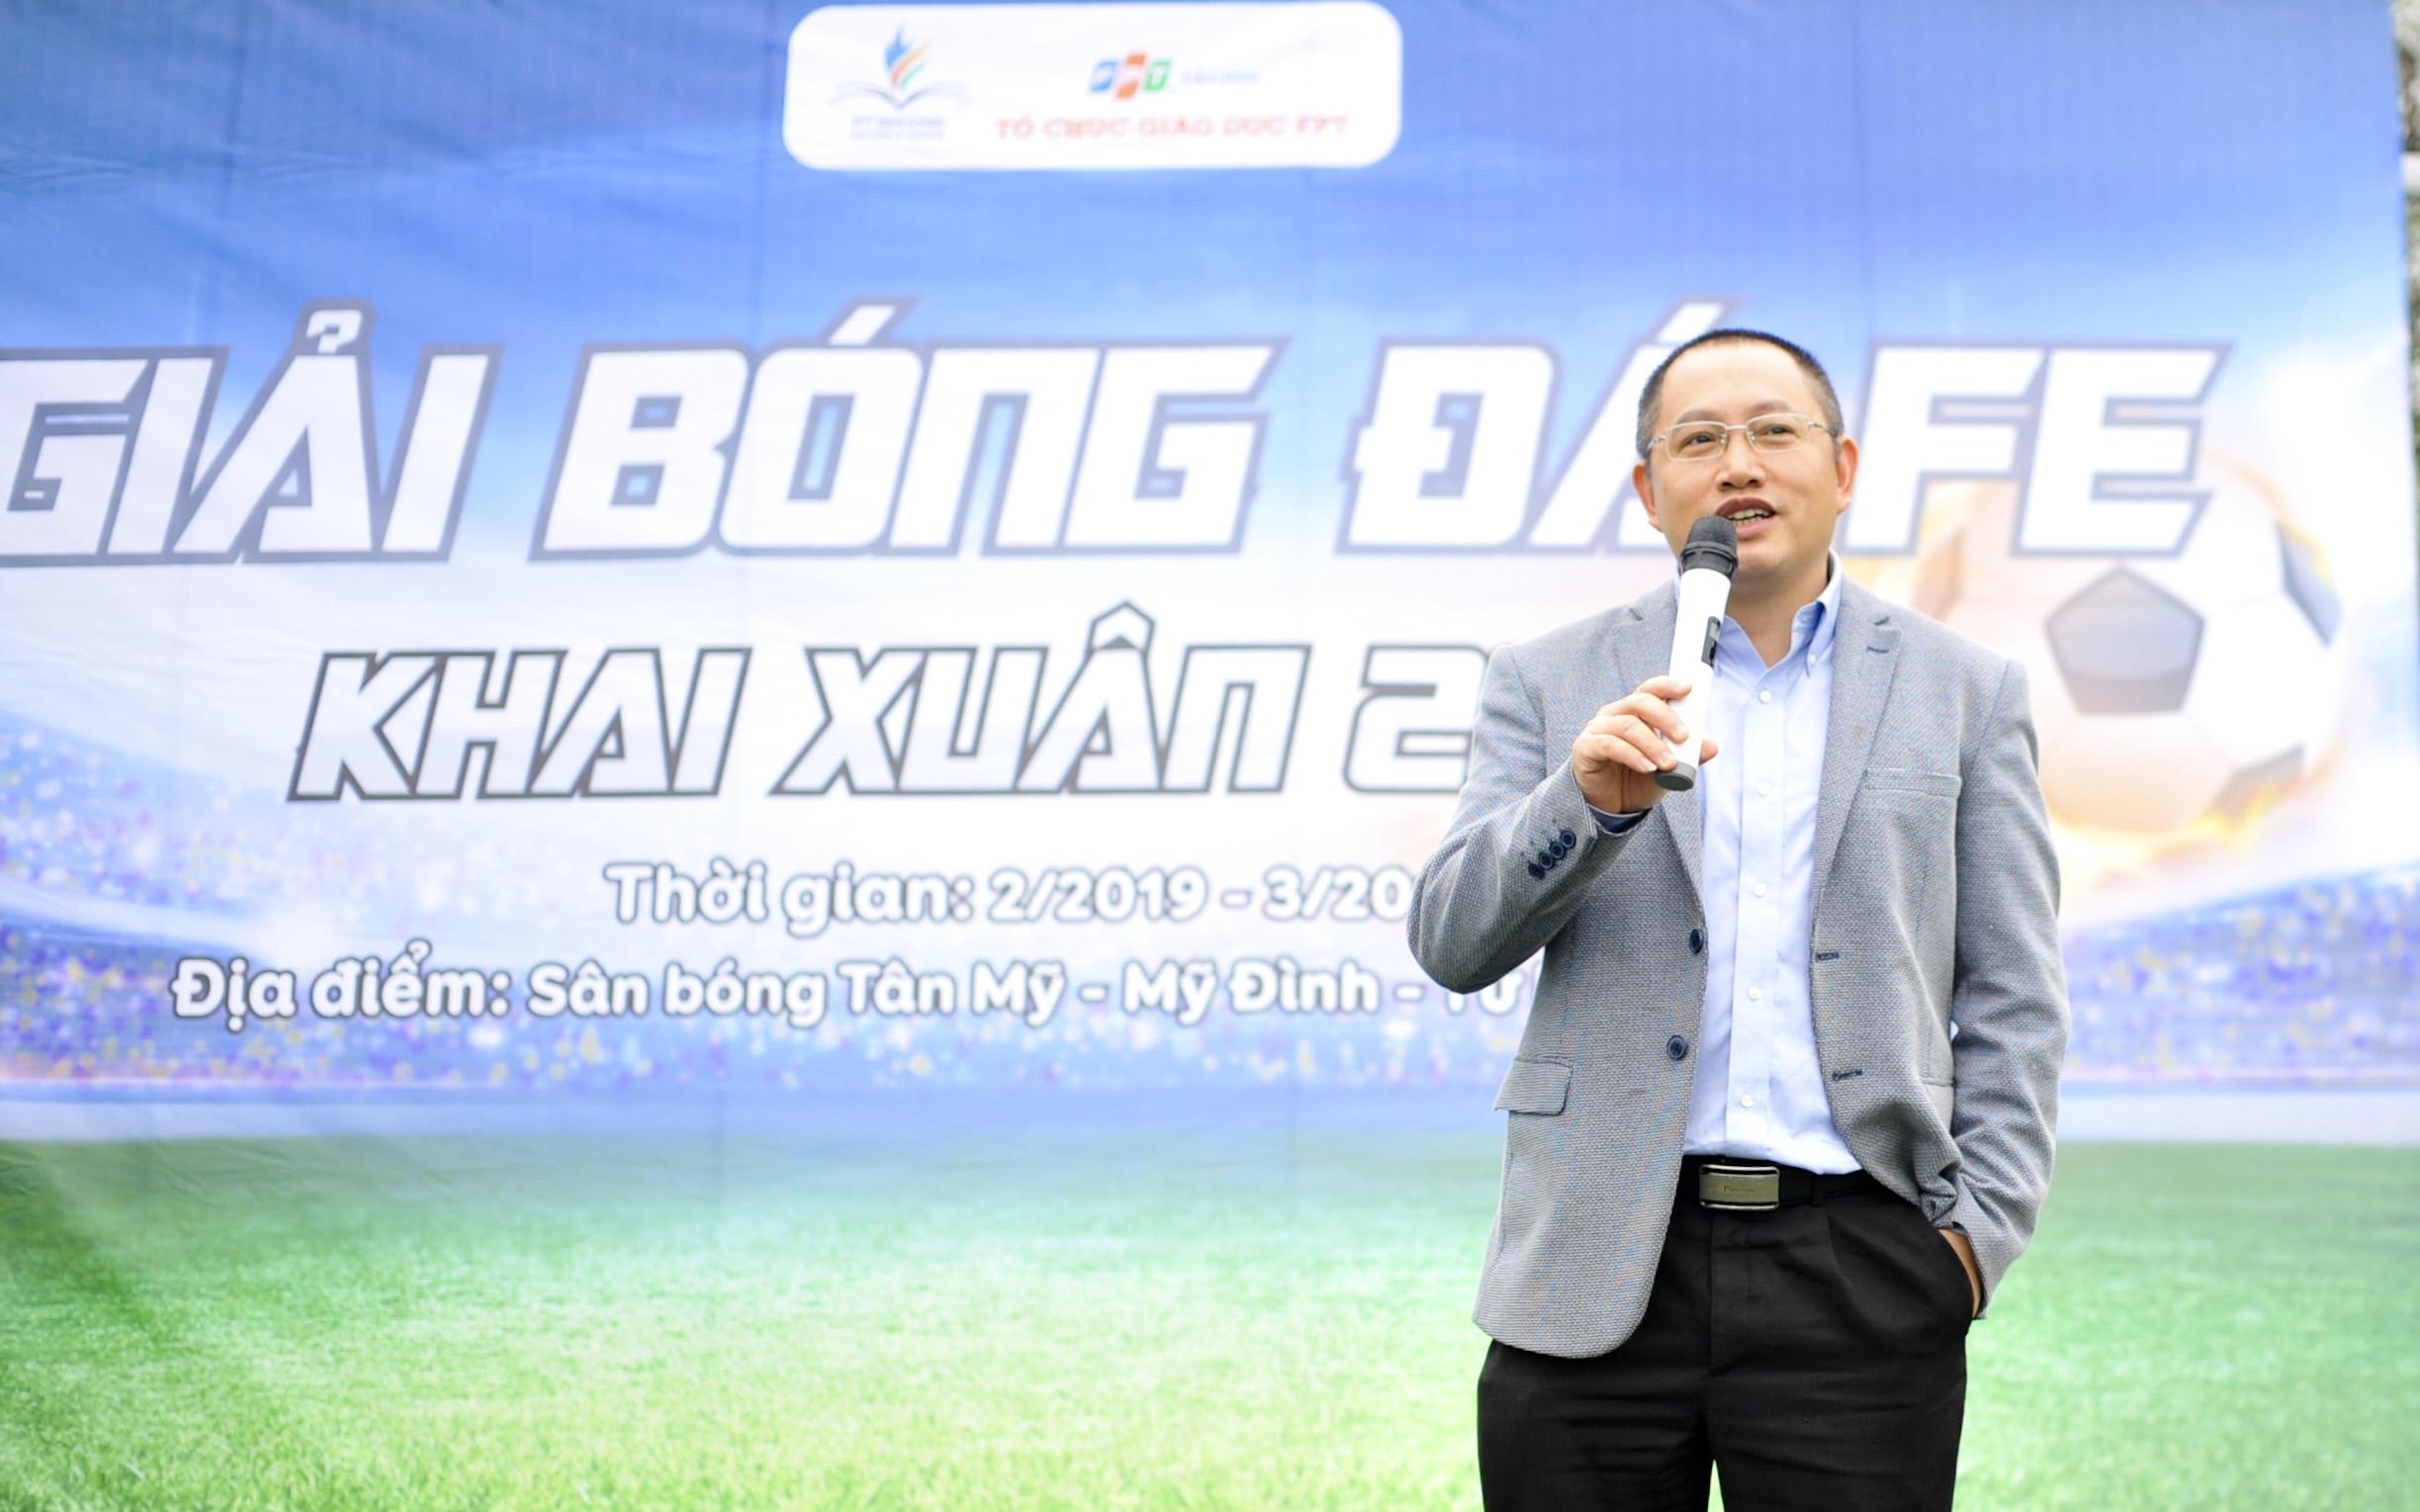 """Phát biểu tại lễ khai mạc, anh Nguyễn Xuân Phong hy vọng FE Cup 2019 vừa là một sân chơi vui vẻ, vừa là một """"đấu trường"""" thực sự để anh em nhà Giáo dục chiến đấu hết mình với tinh thần thể thao rực lửa."""